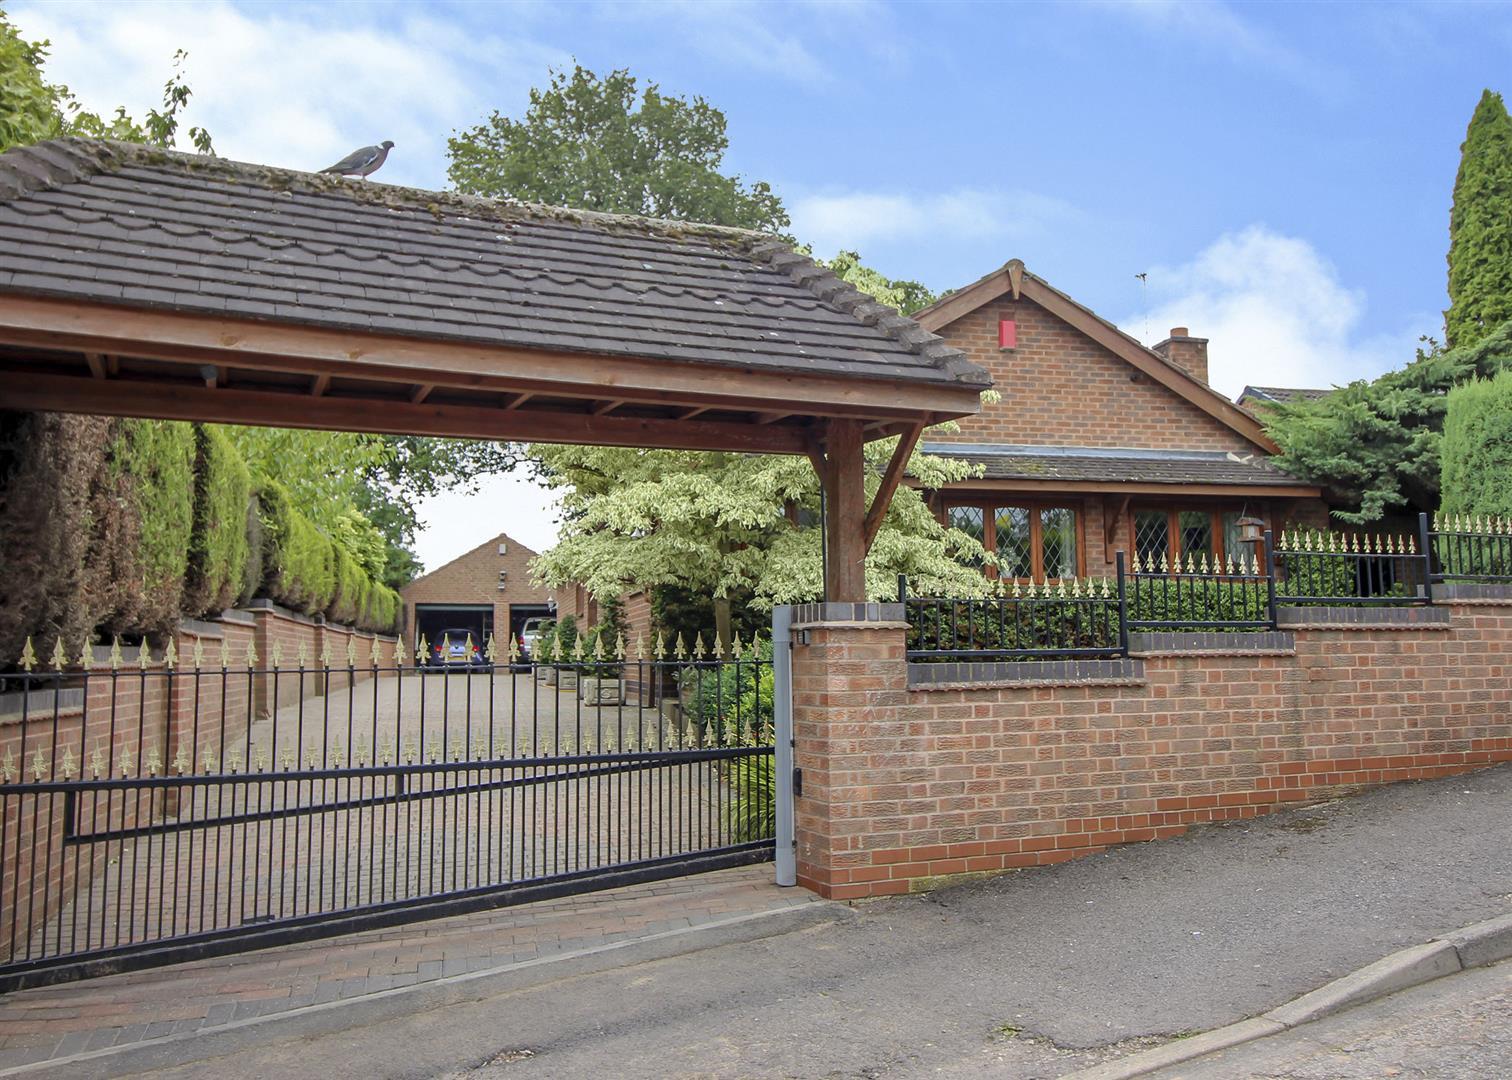 3 Bedrooms Bungalow for sale in Moorfield Crescent, Sandiacre